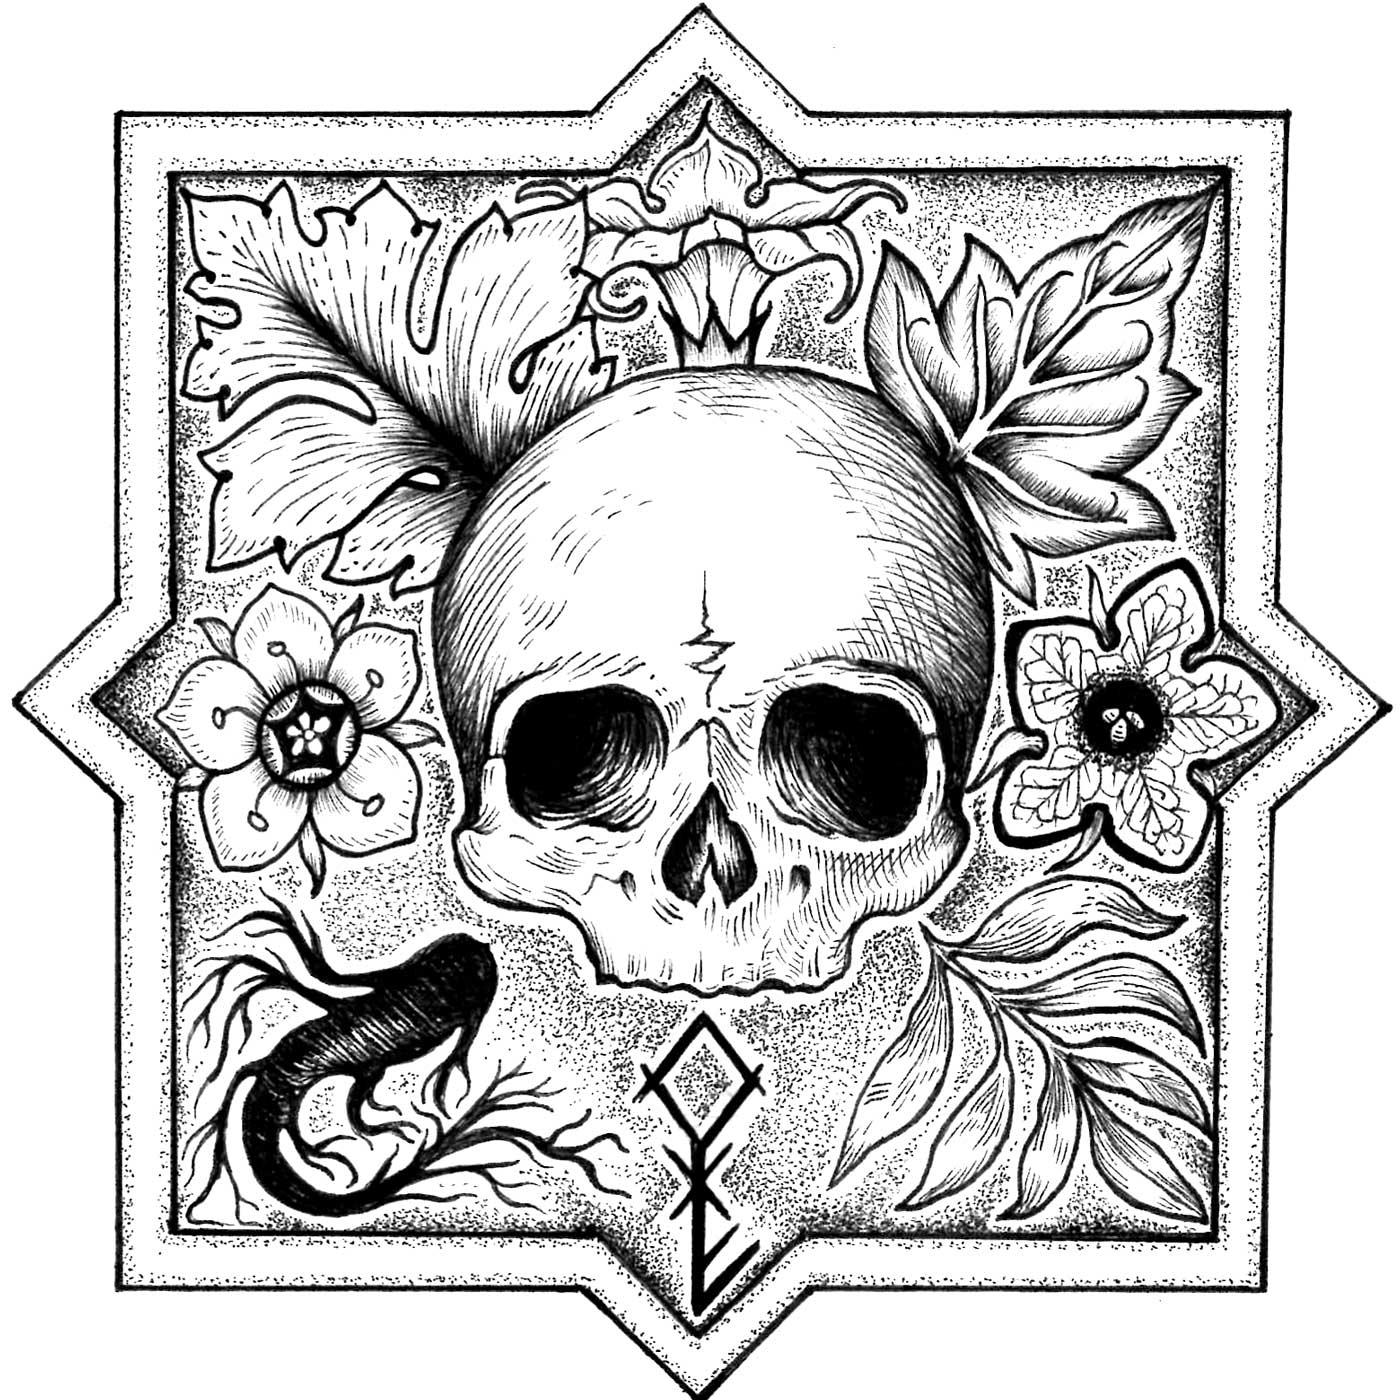 The Garden of Ink & Bones show art